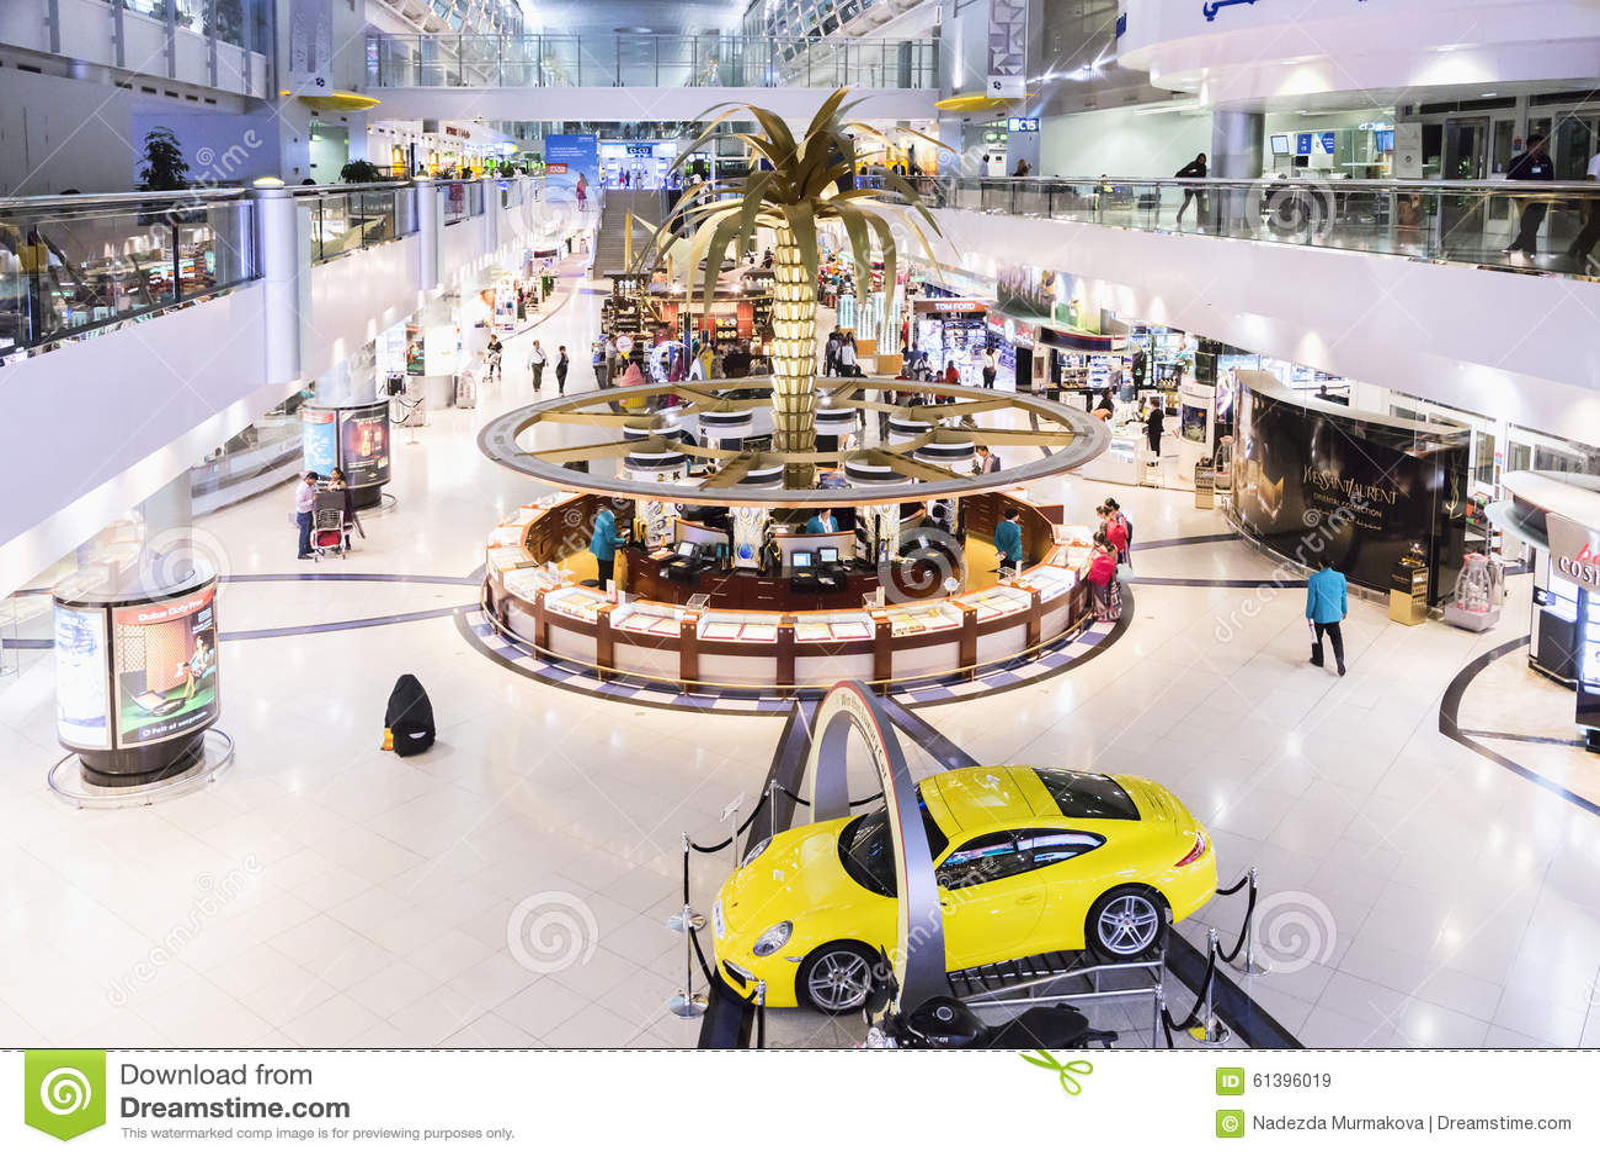 DUBAI INTERNATIONAL AEROPUERTO 9 de marzo de 2015